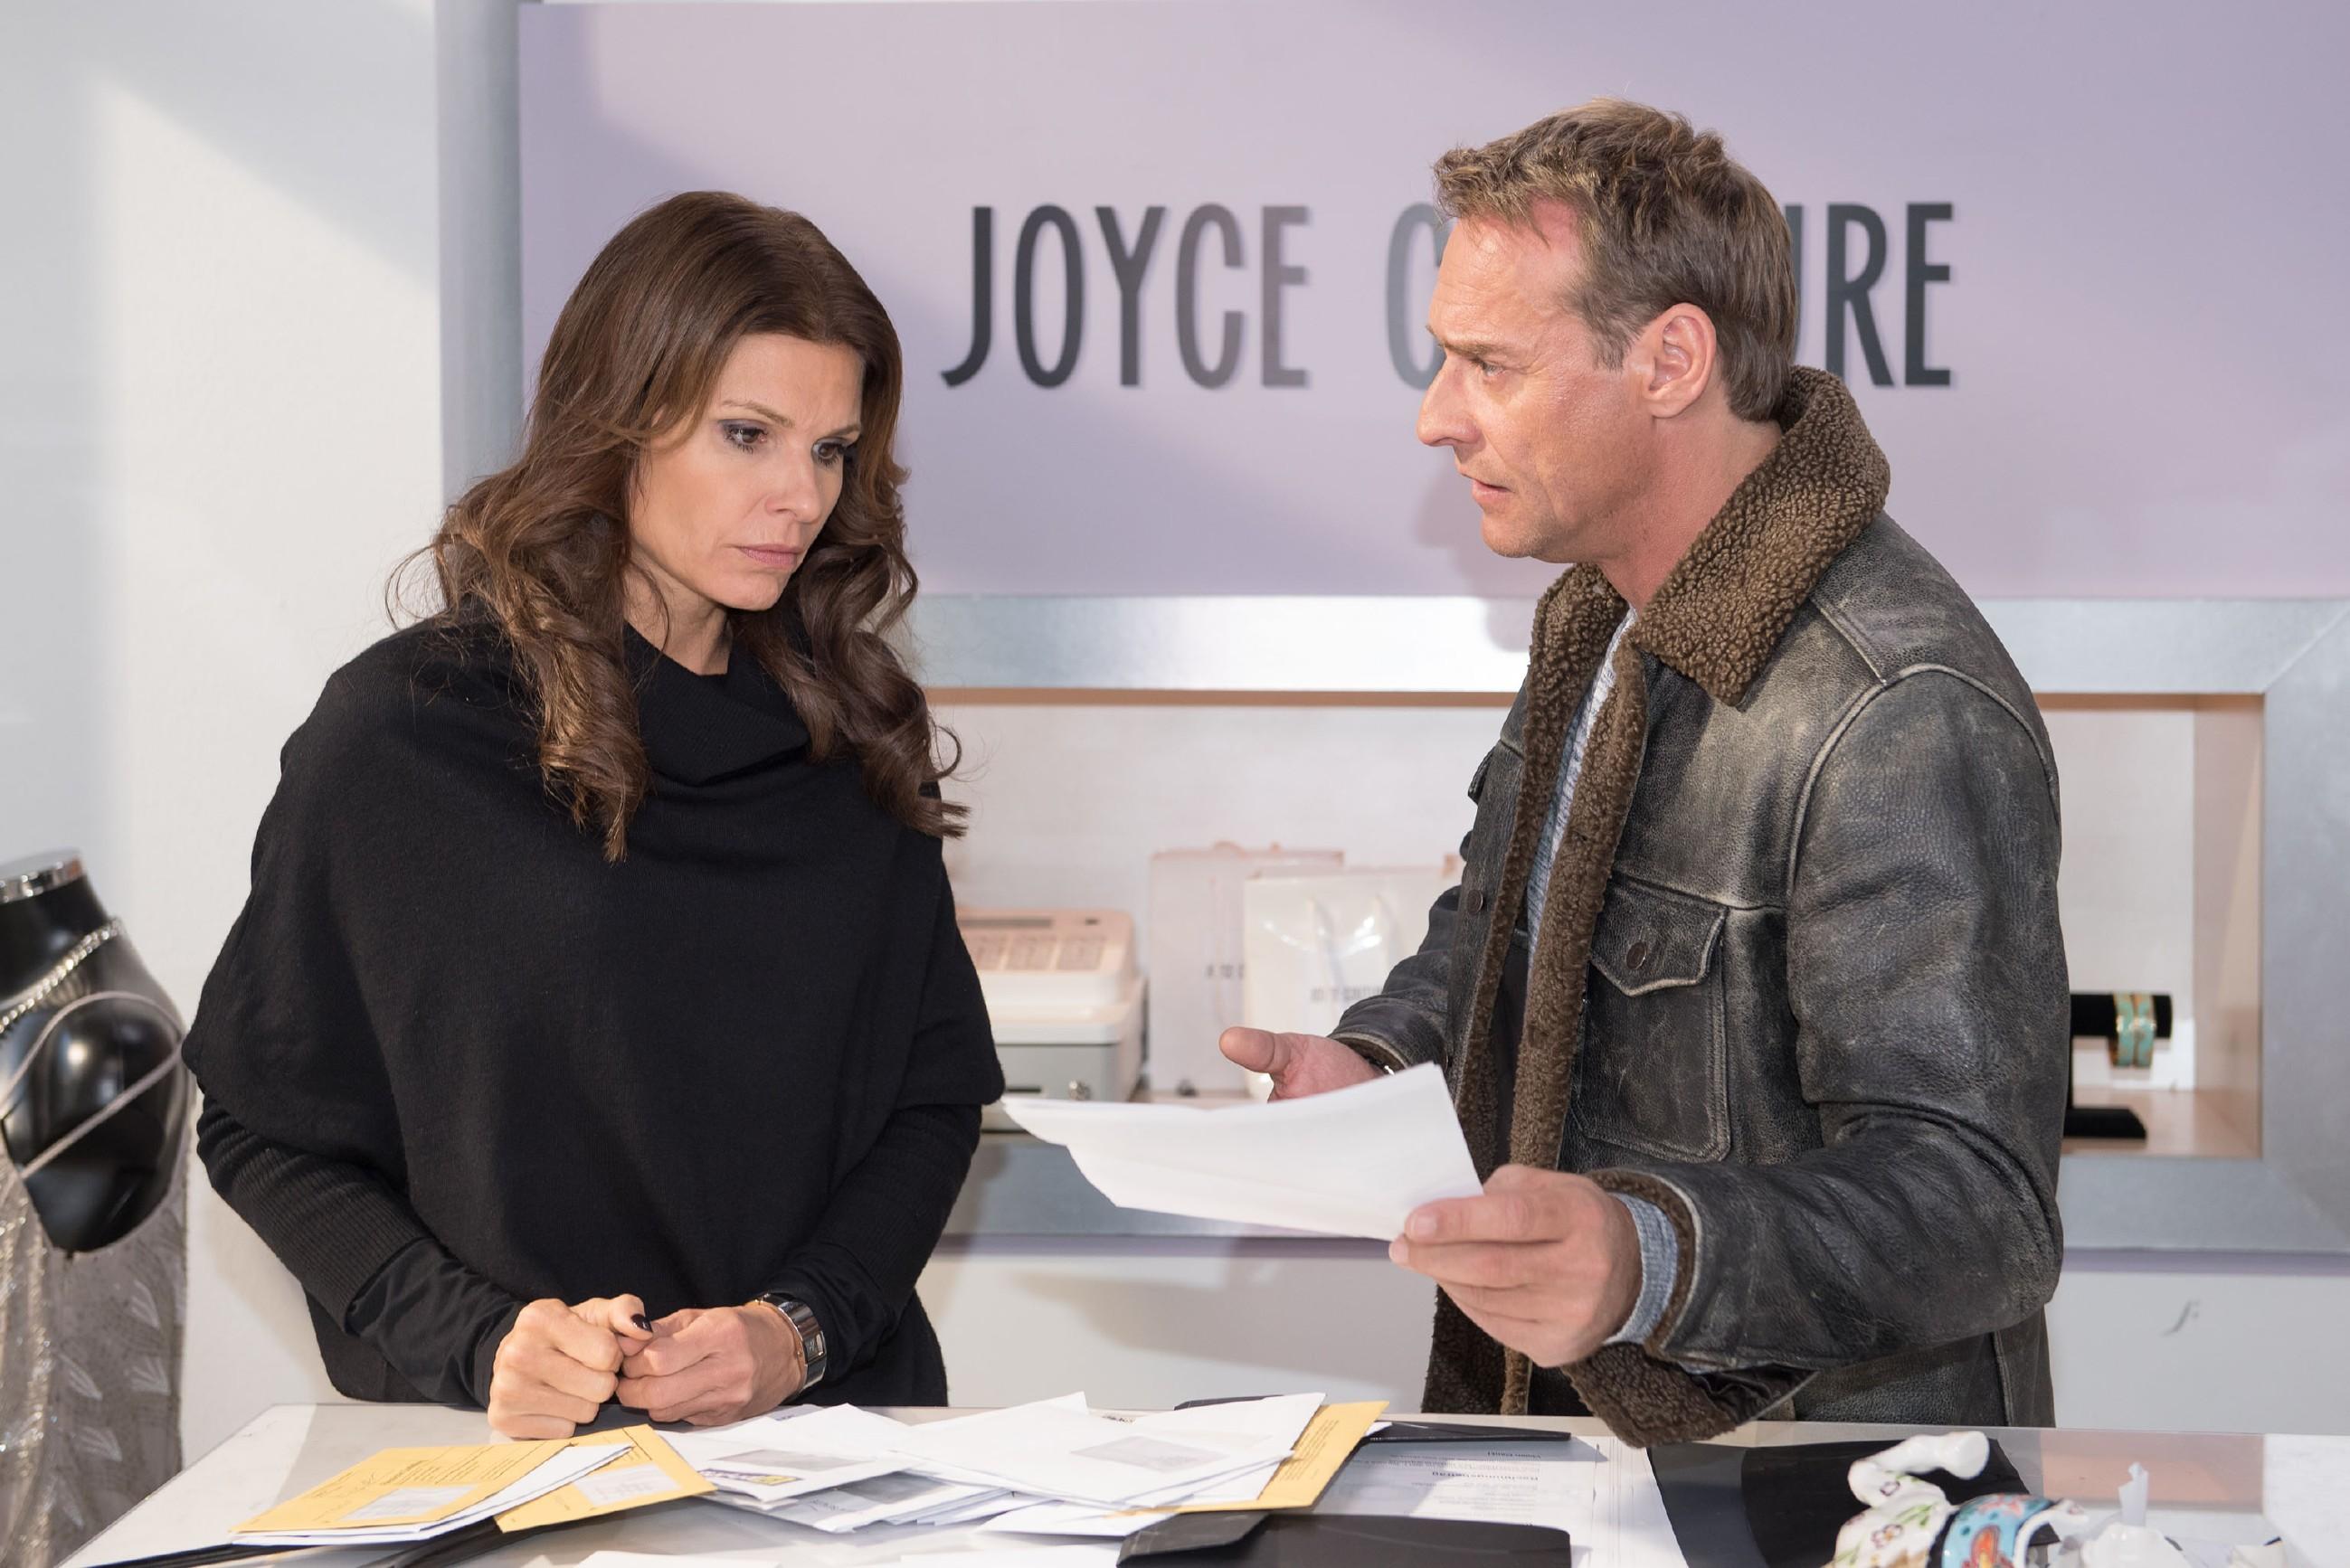 Britta (Tabea Heynig) bleibt nichts anderes übrig, als Rufus (Kai Noll) zu gestehen, dass sie pleite ist. Der ist fassungslos, weil seine Freundin ihm monatelang etwas vorgemacht hat... (Quelle: RTL / Stefan Behrens)